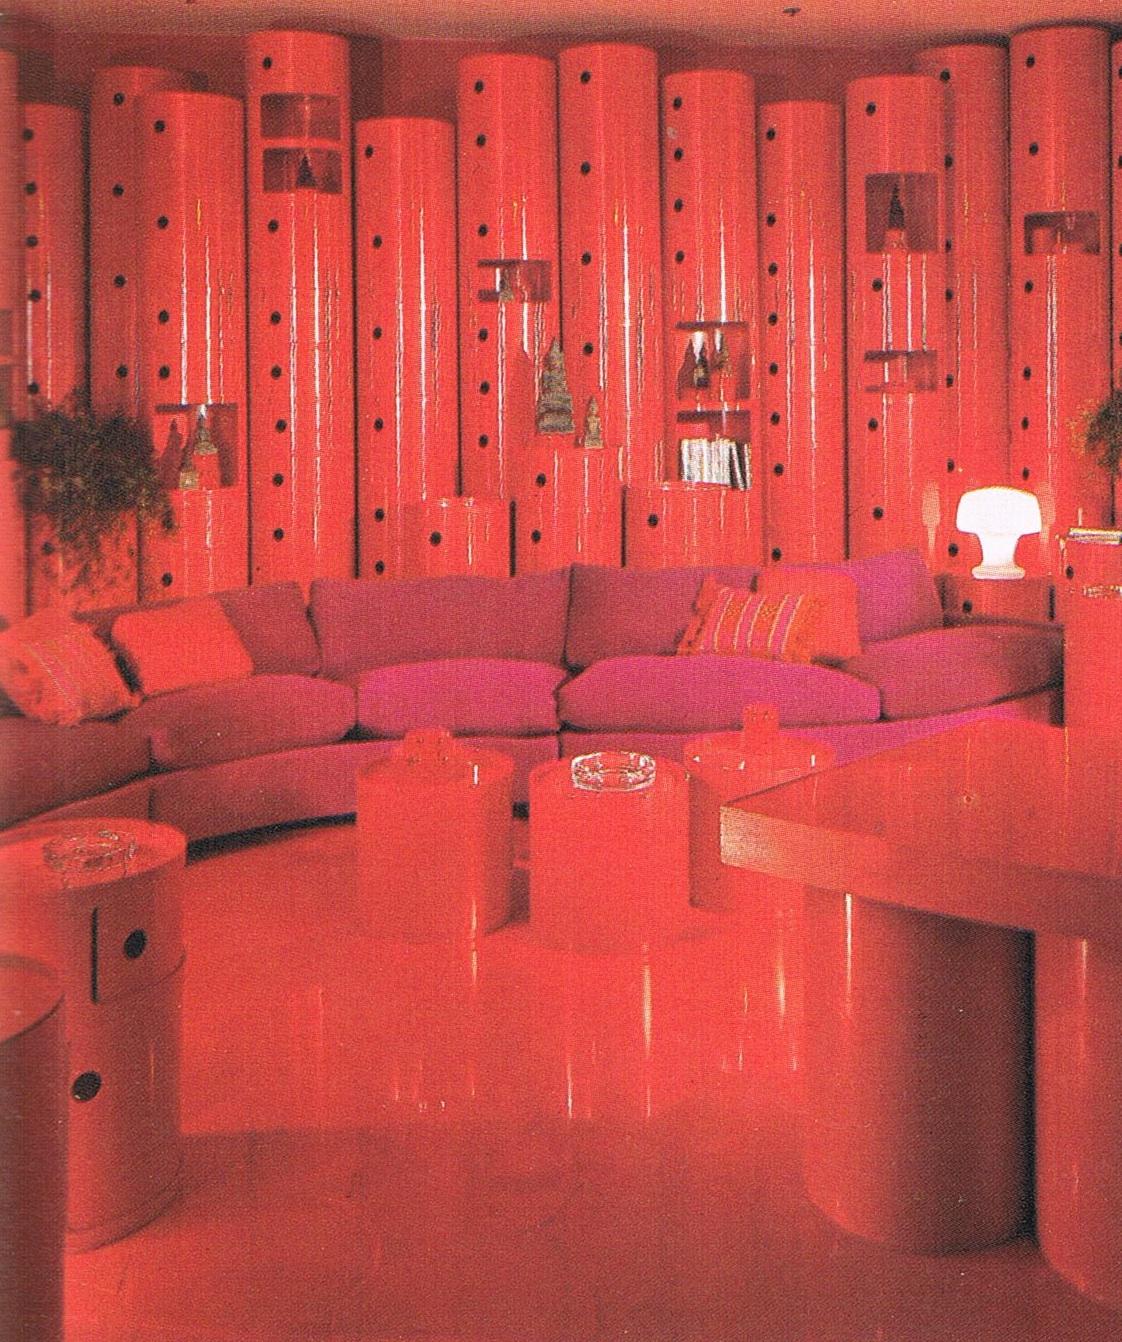 http://3.bp.blogspot.com/-OzXMF61dO9o/TWSf5TzdyAI/AAAAAAAAAT4/bR1IfUGPZOc/s1600/Red+Kartell+Room.jpg